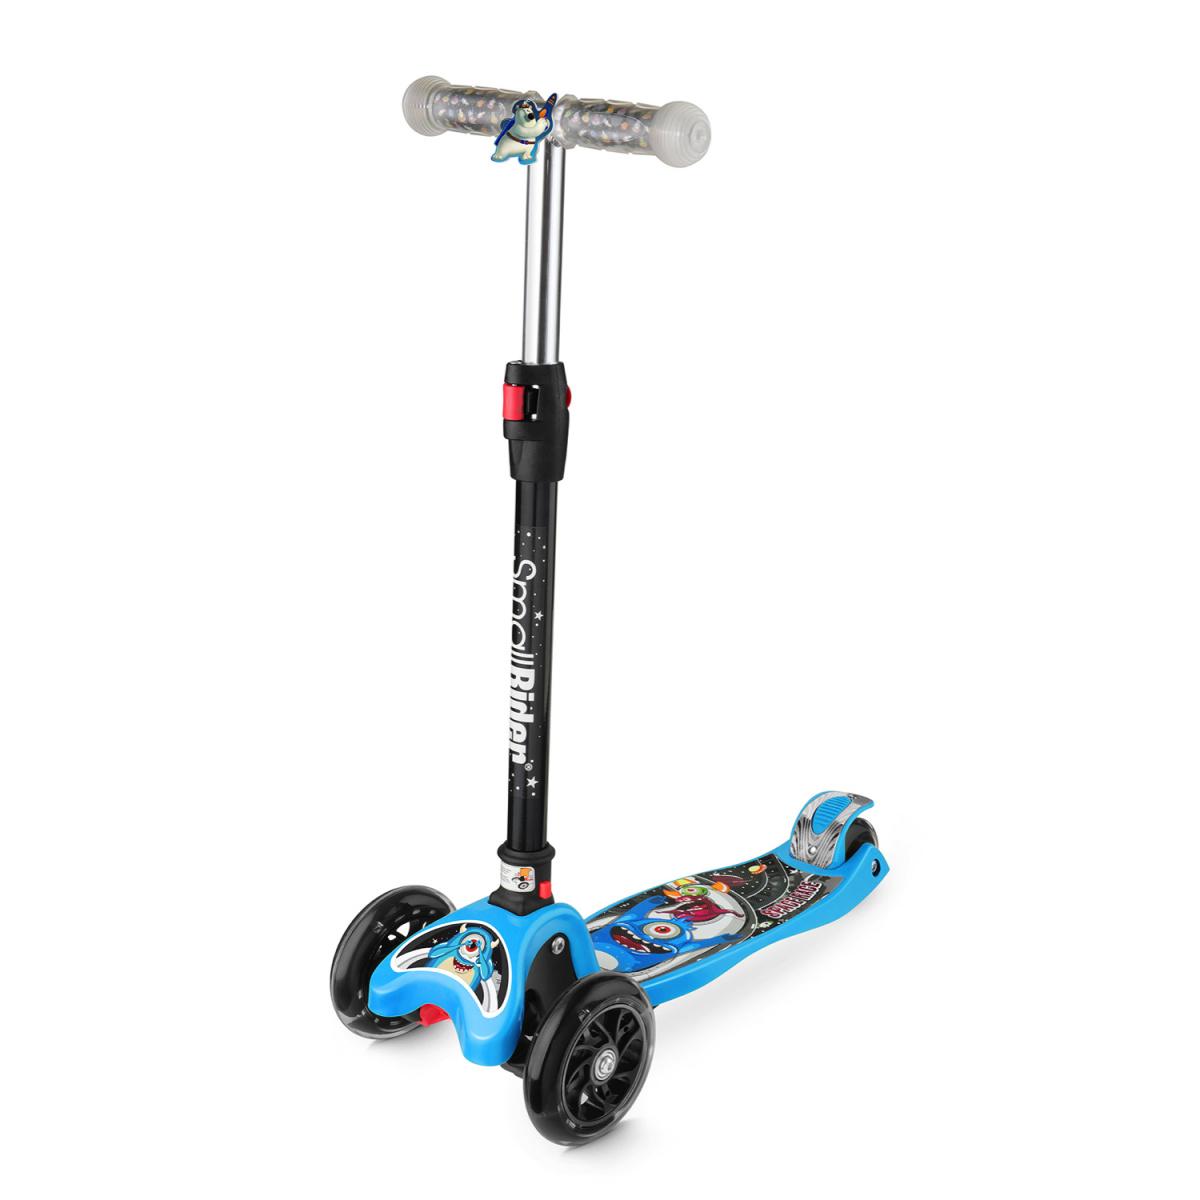 """Самокат Small Rider """"Space Race"""", 3-колесный, складной, со светящимися колесами, цвет: голубой"""